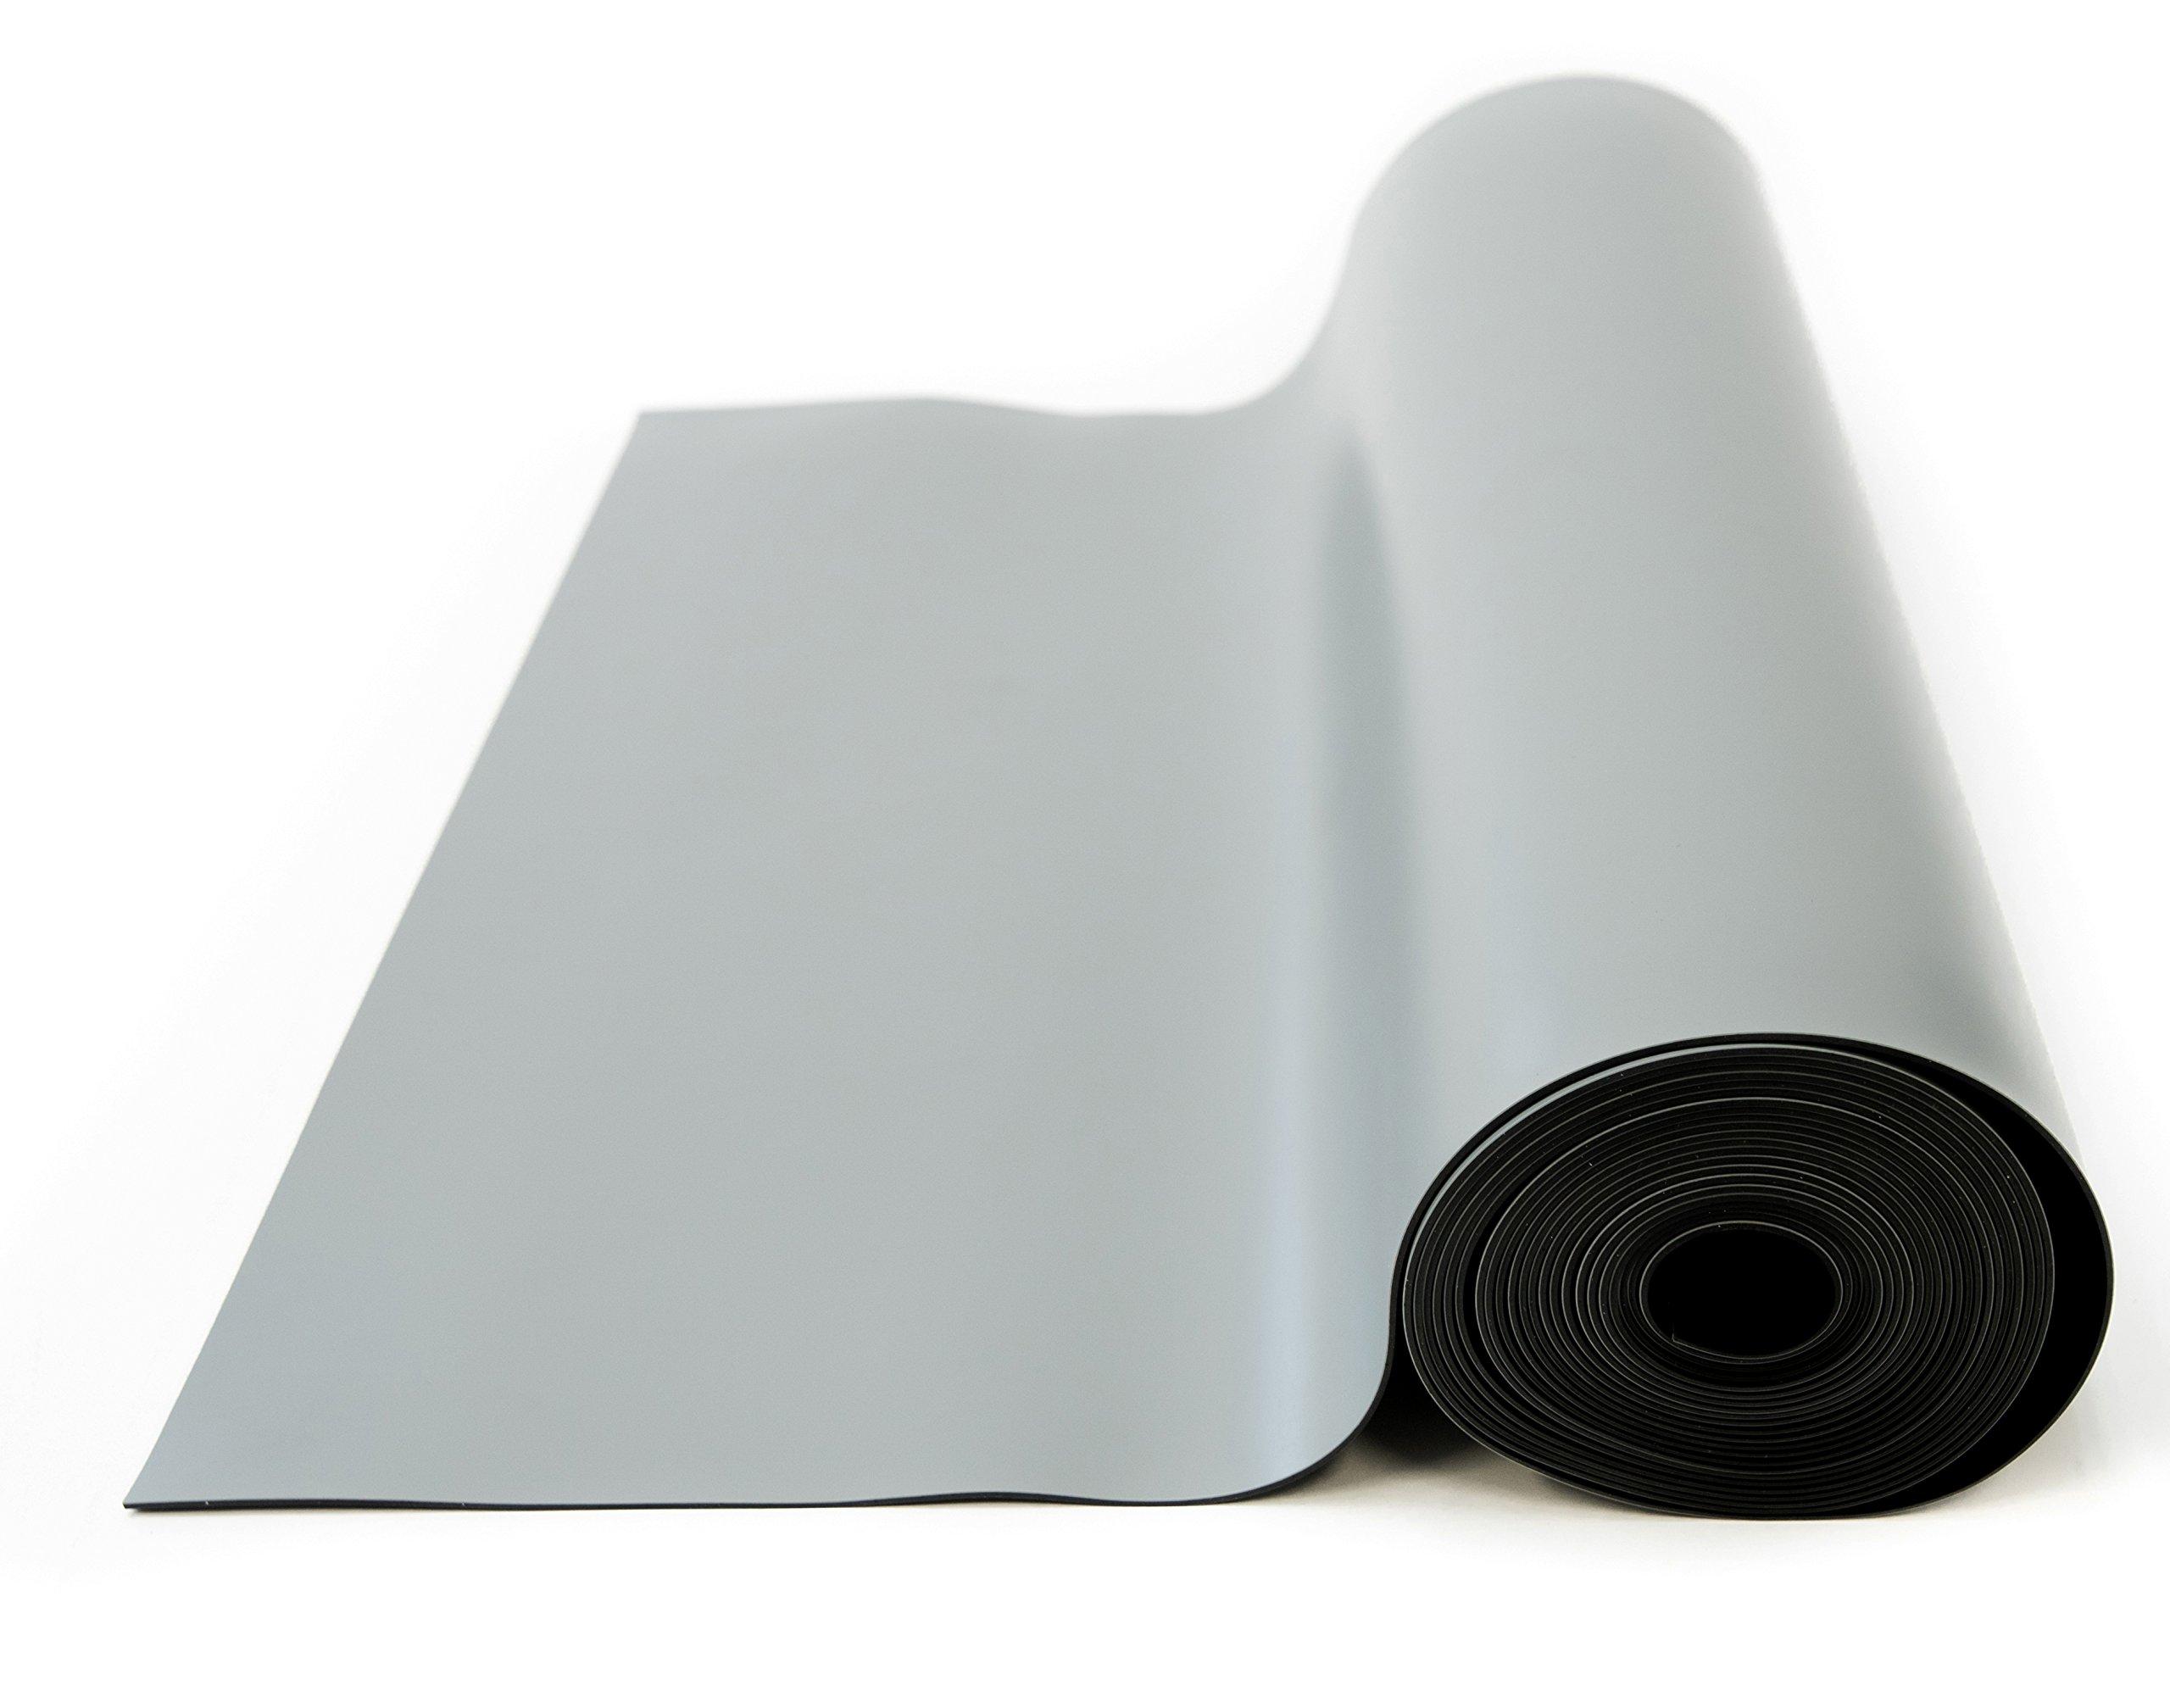 Bertech ESD High Temperature Rubber Mat Roll 2' Wide x 10' Long x 0.08'' Thick, Gray